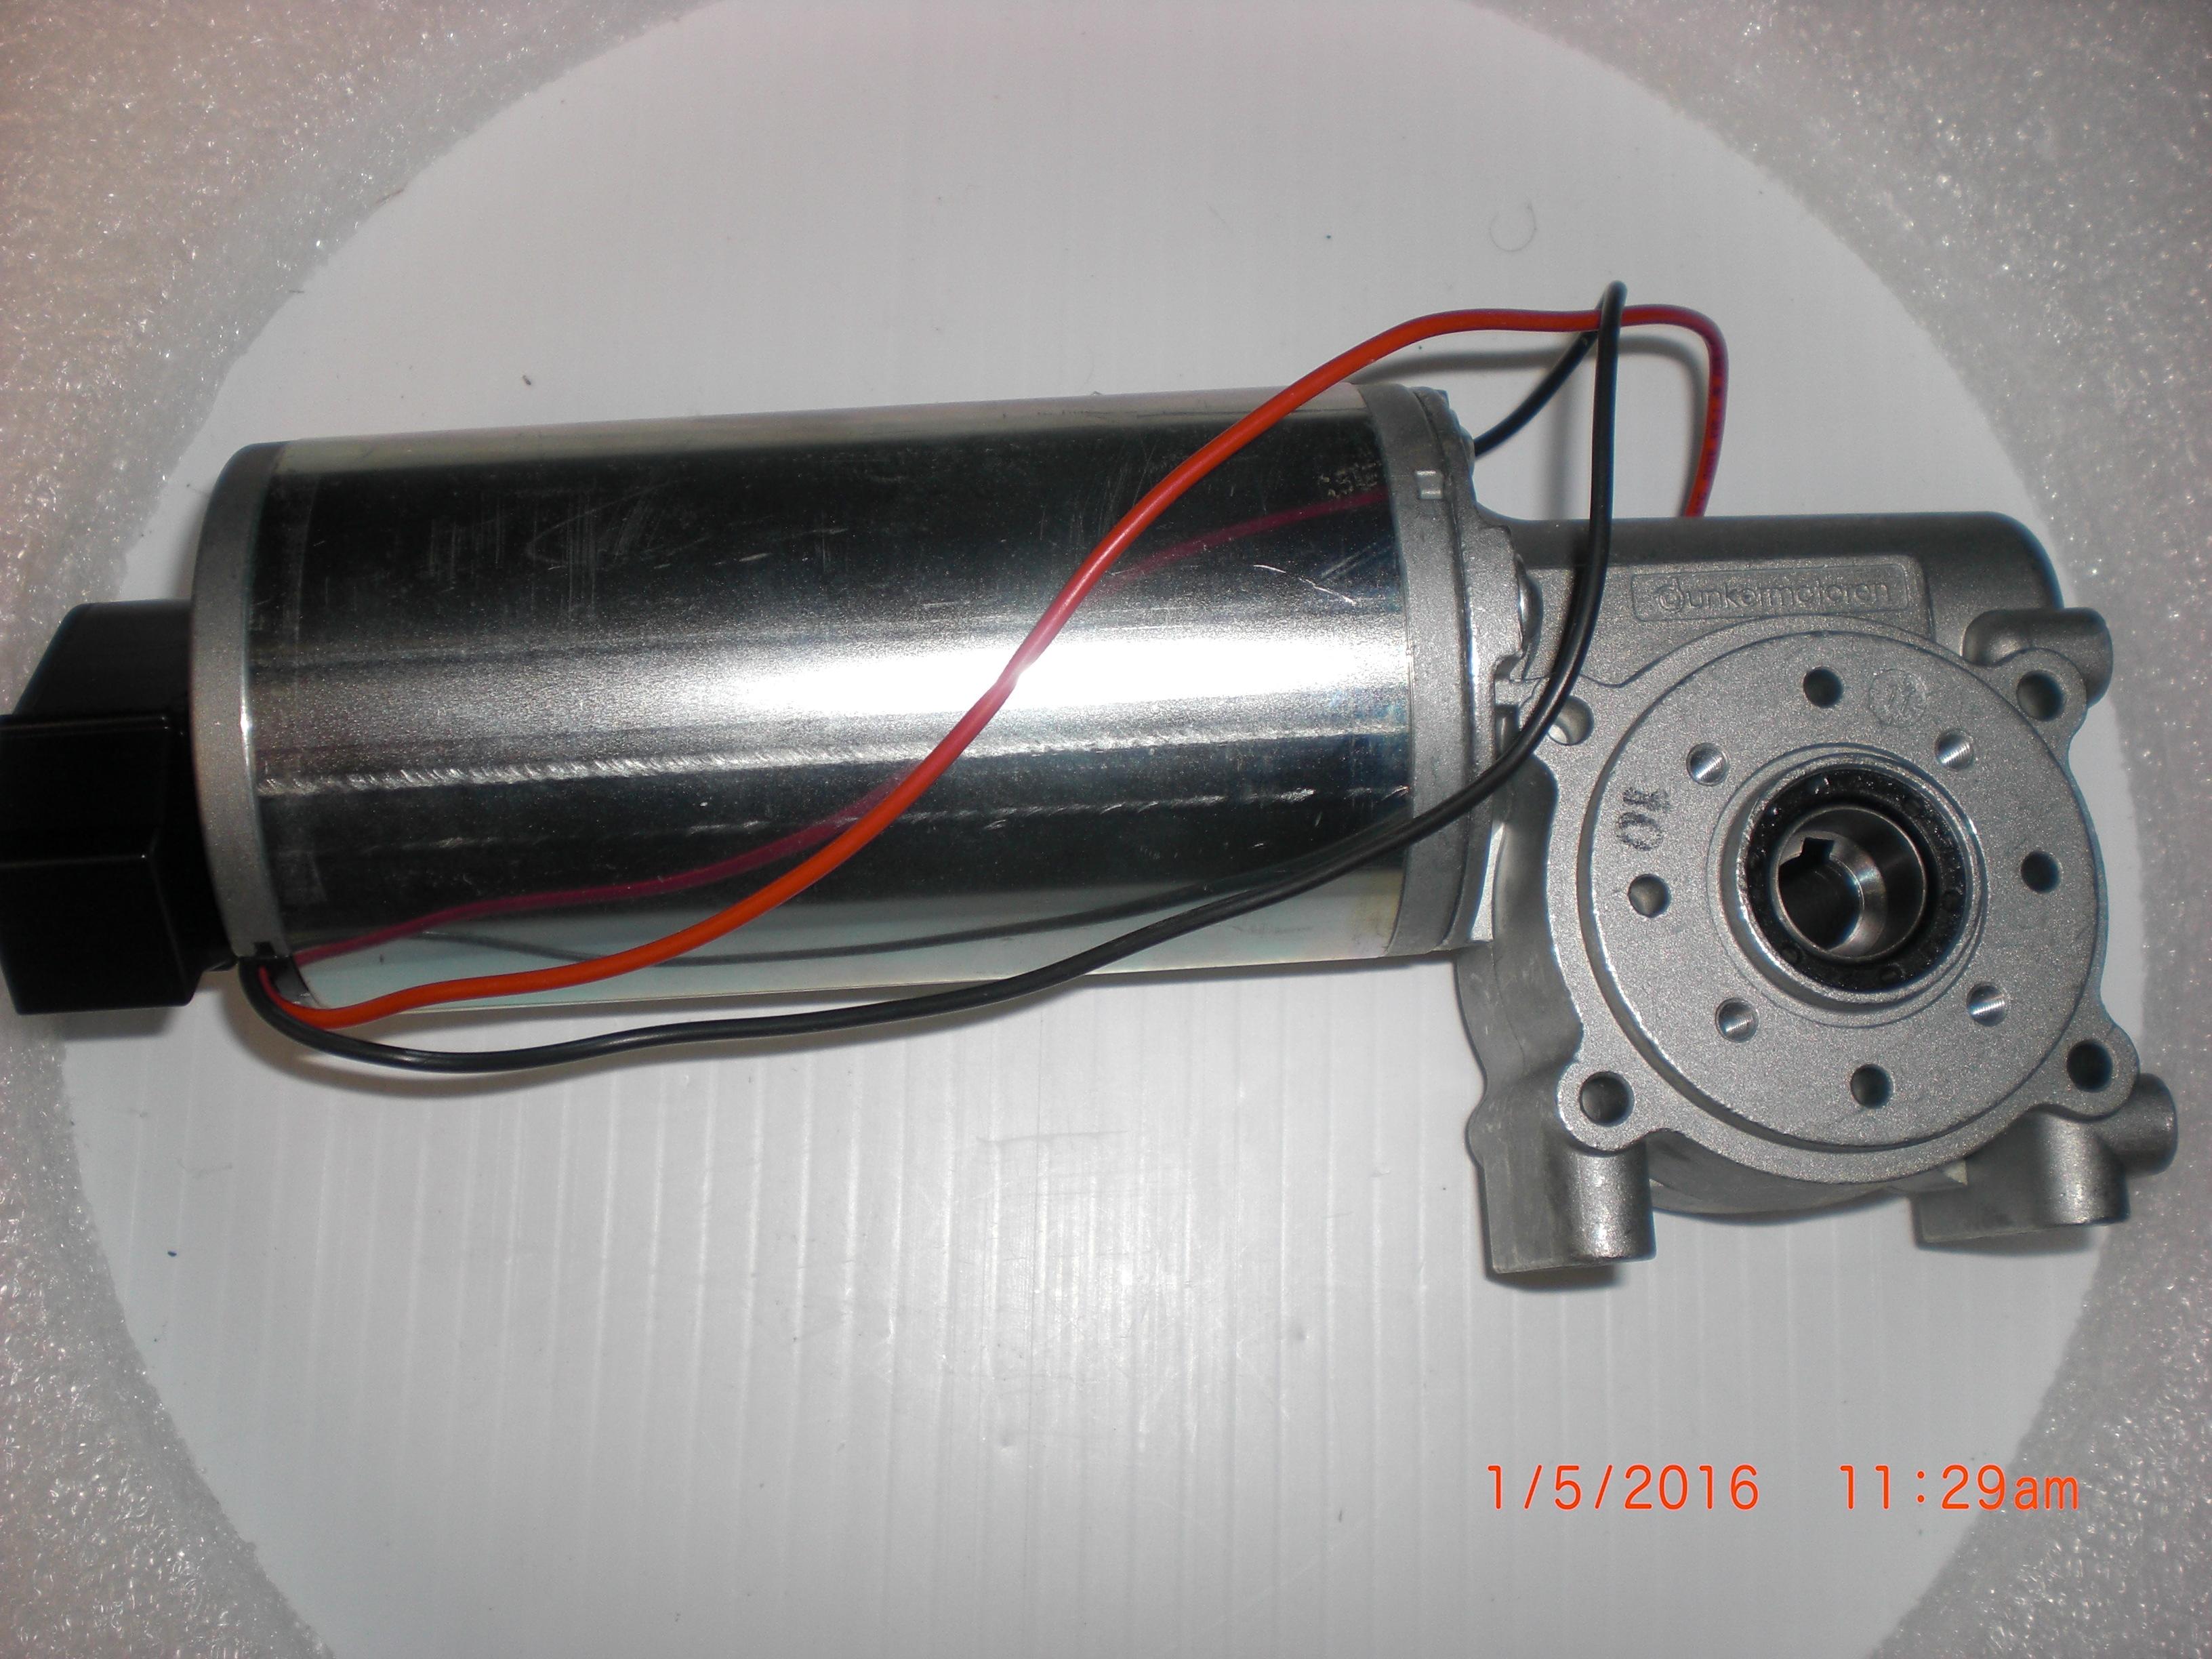 Gr63x55 Dunkermotoren Gr63x55 24v 3350rpm 10 1 Right Angle